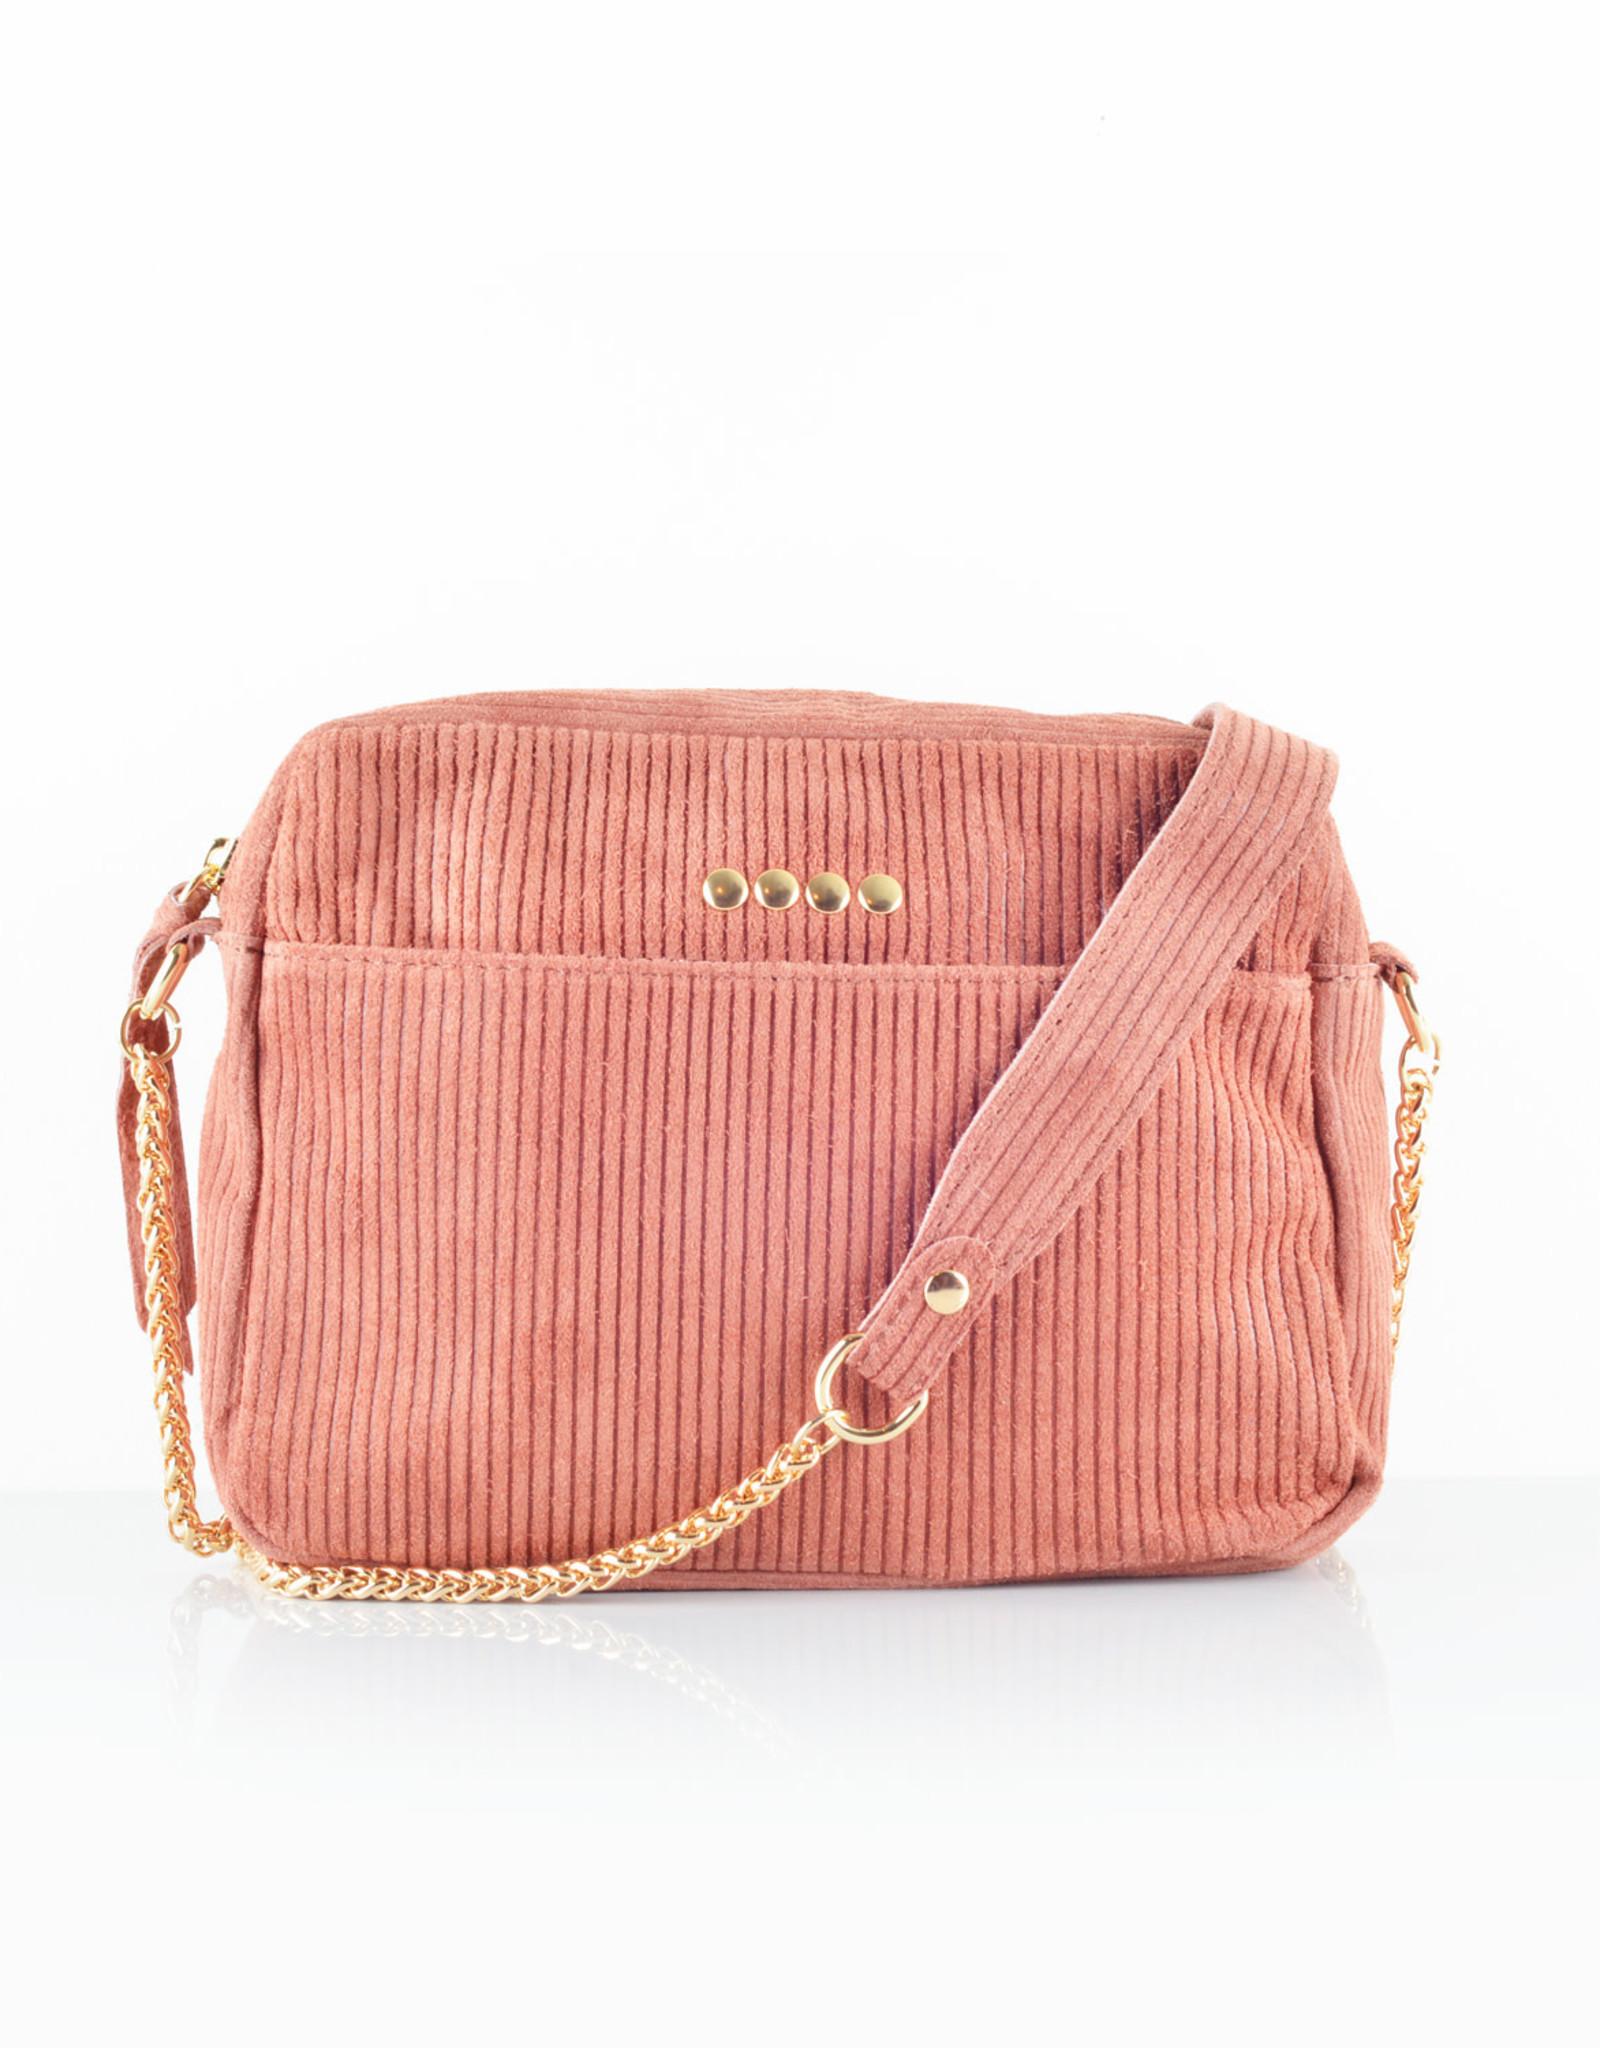 Rib bag gold